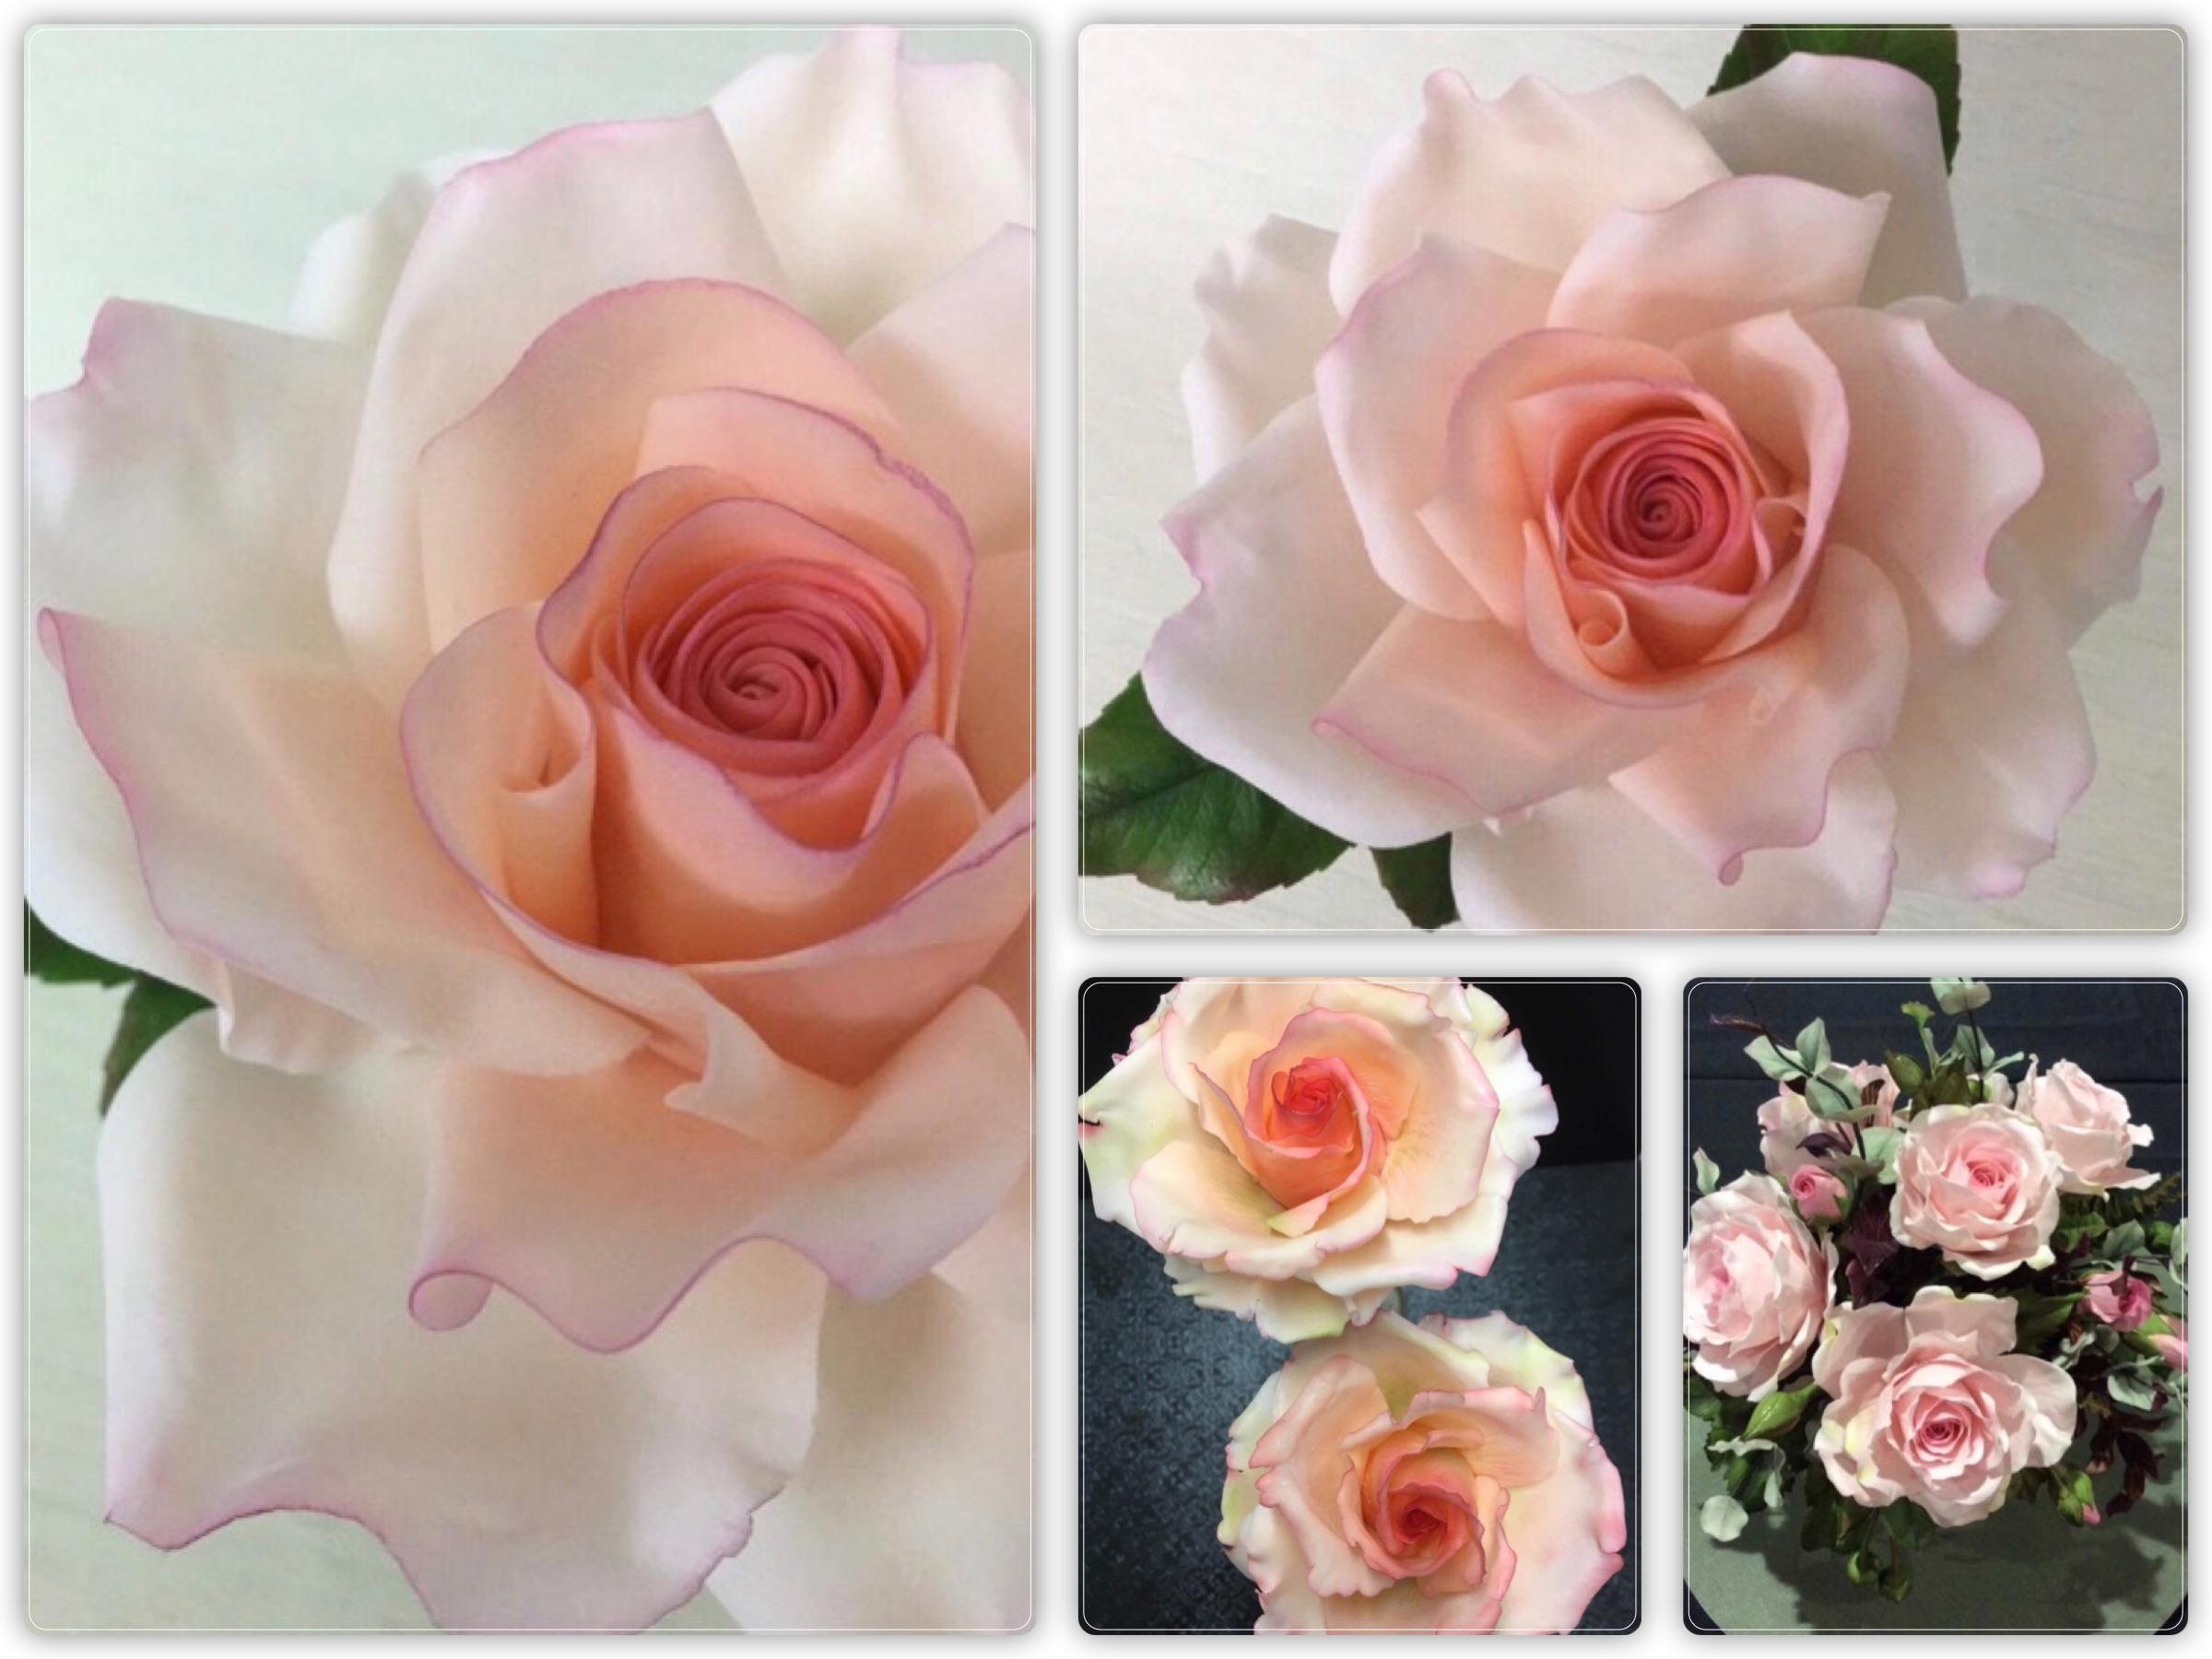 RoseCollage.jpg